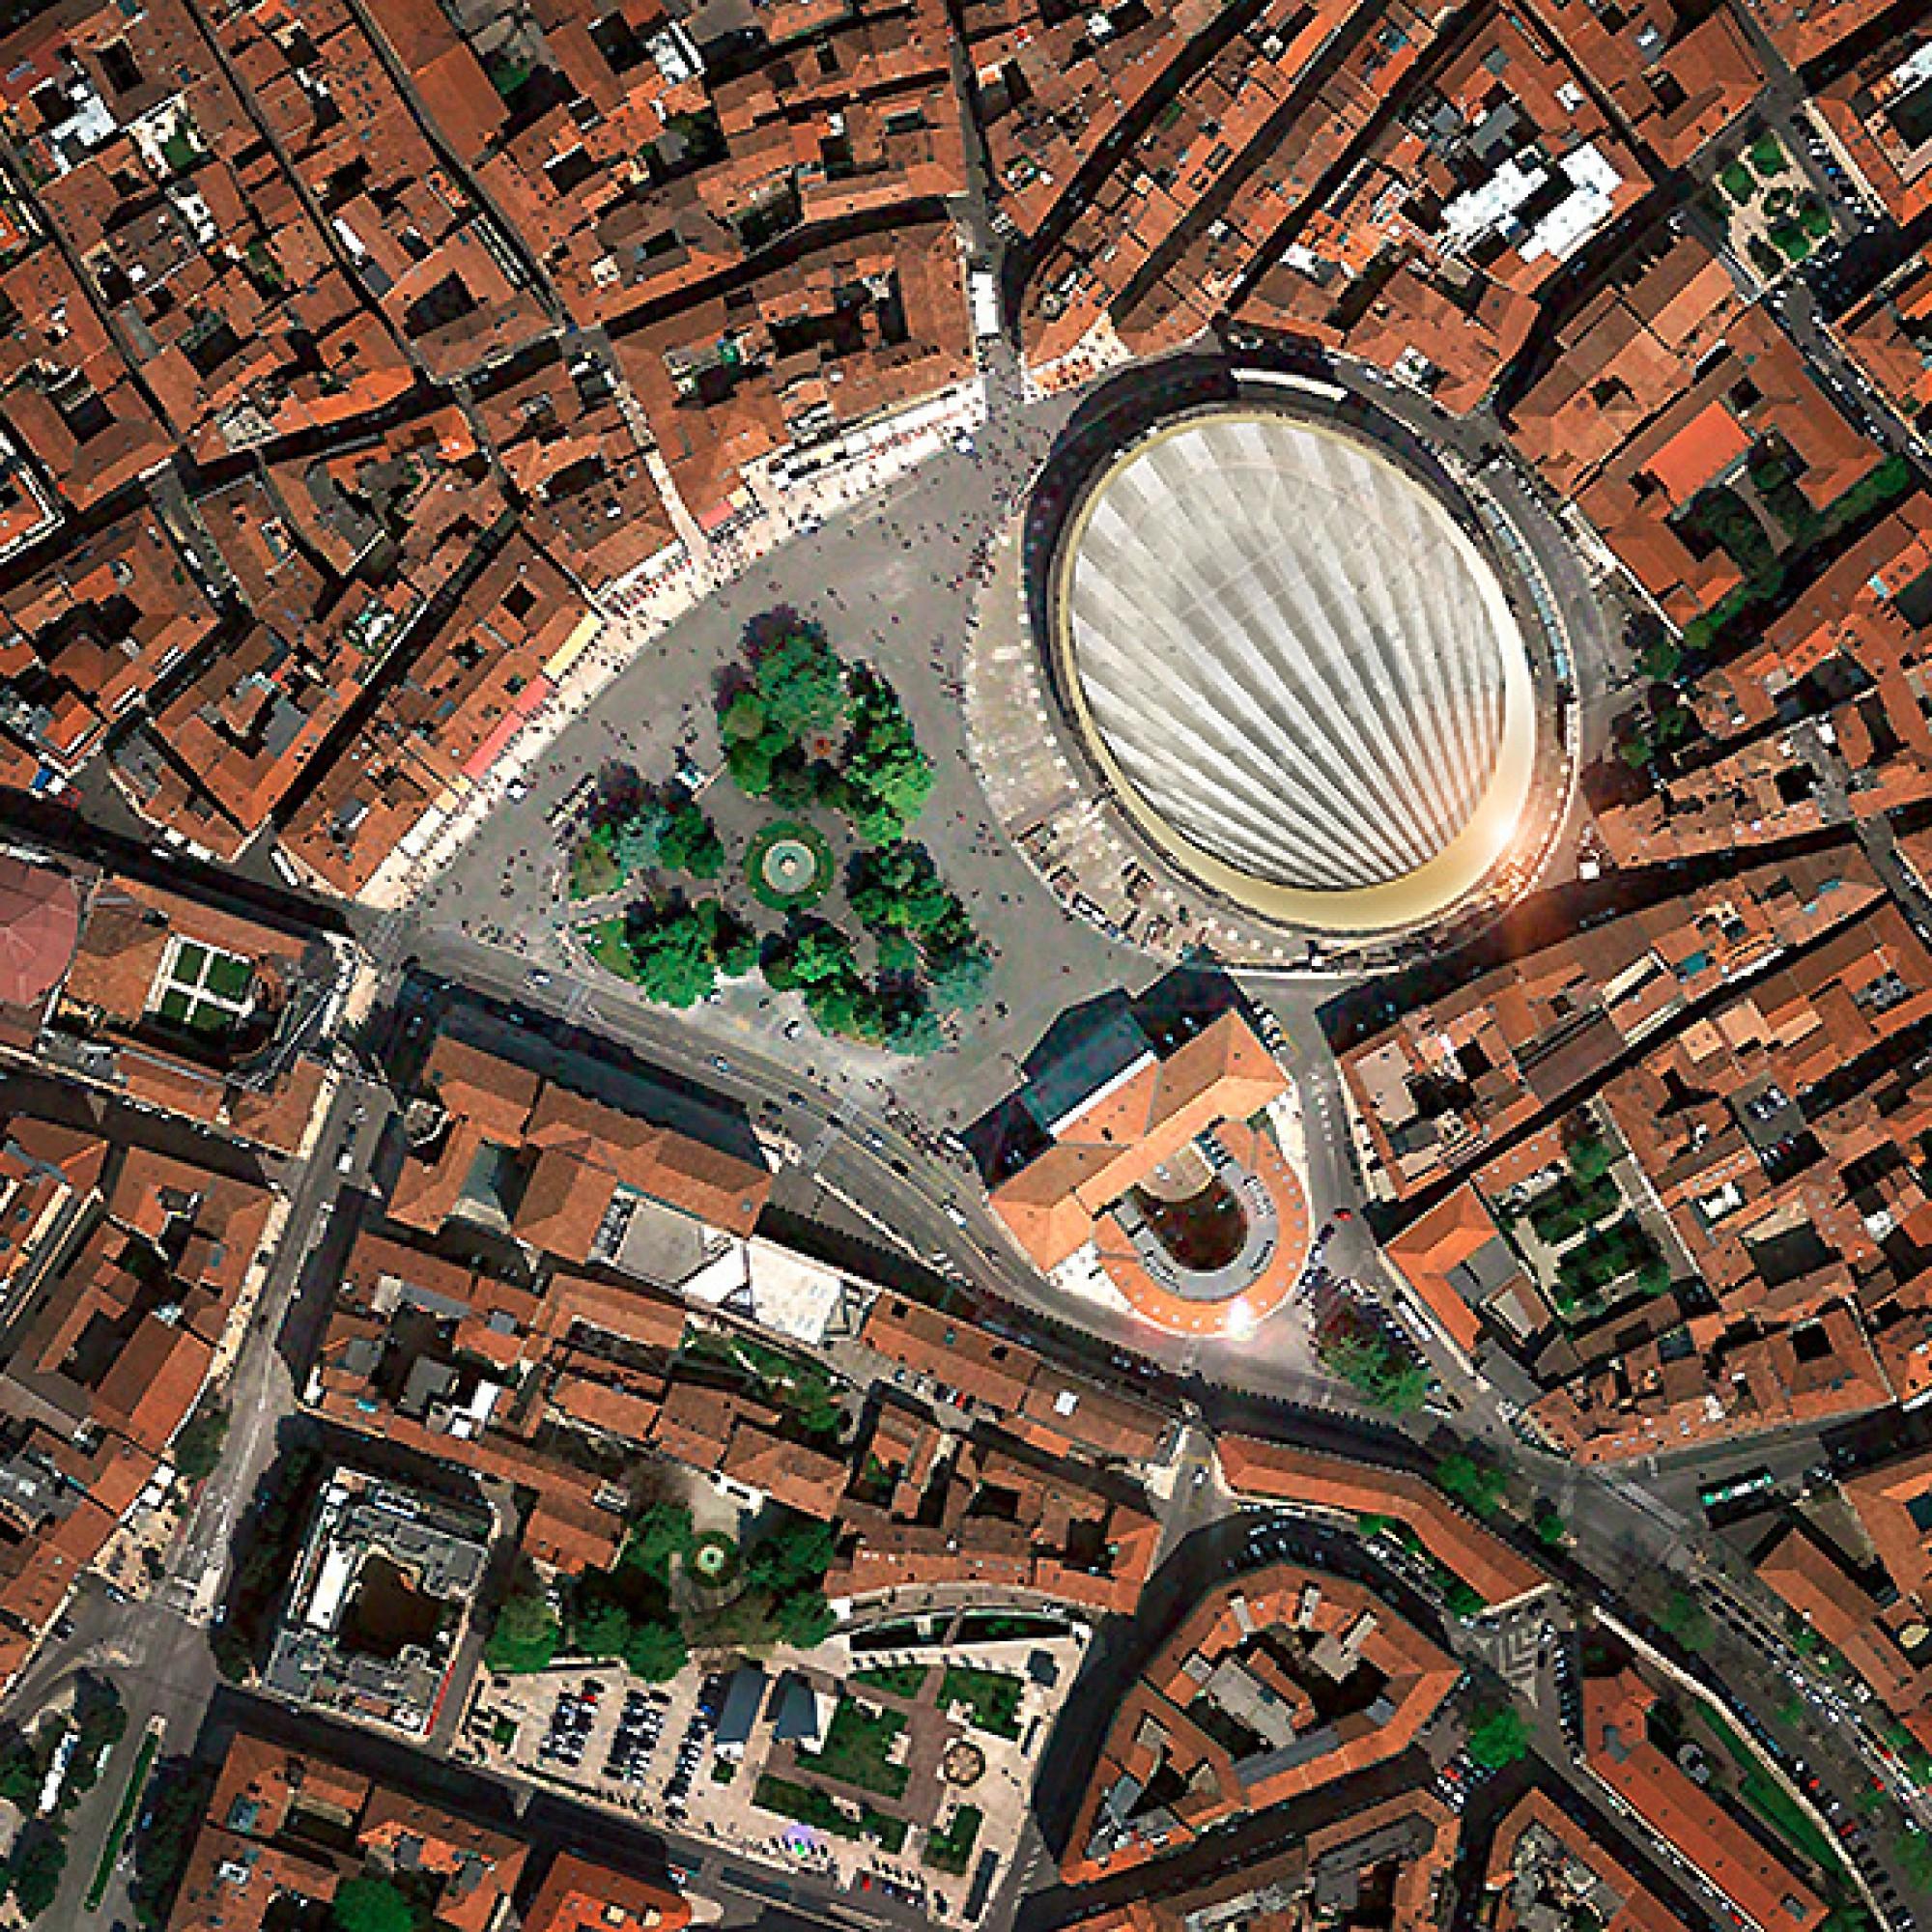 Ein Dach wie ein Fächer: die Überdachung aus der Vogelperspektive. (zvg)